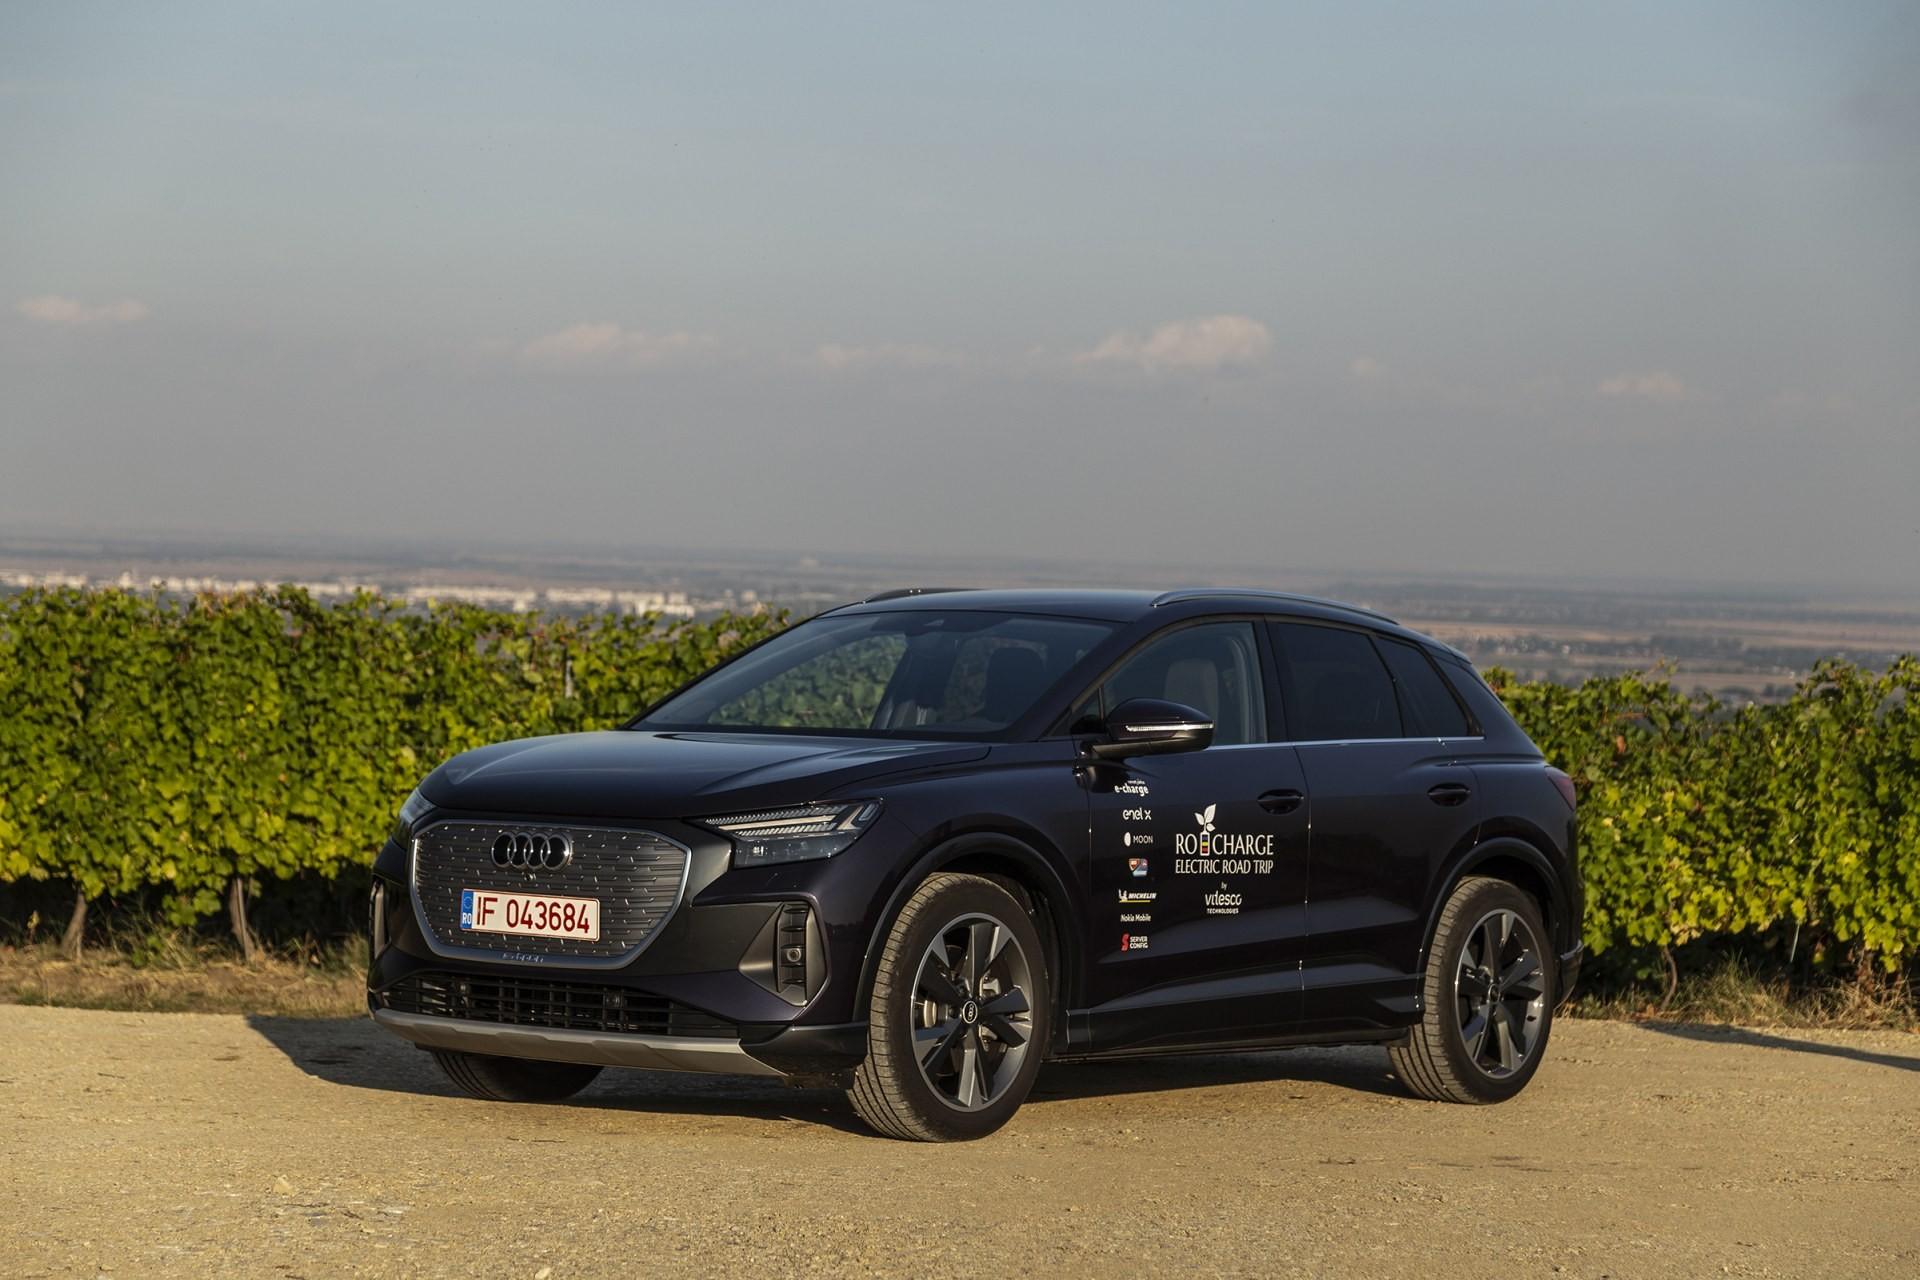 driven-2021-audi-q4-e-tron-50-quattro-audi-s-version-of-the-id4_55.jpg